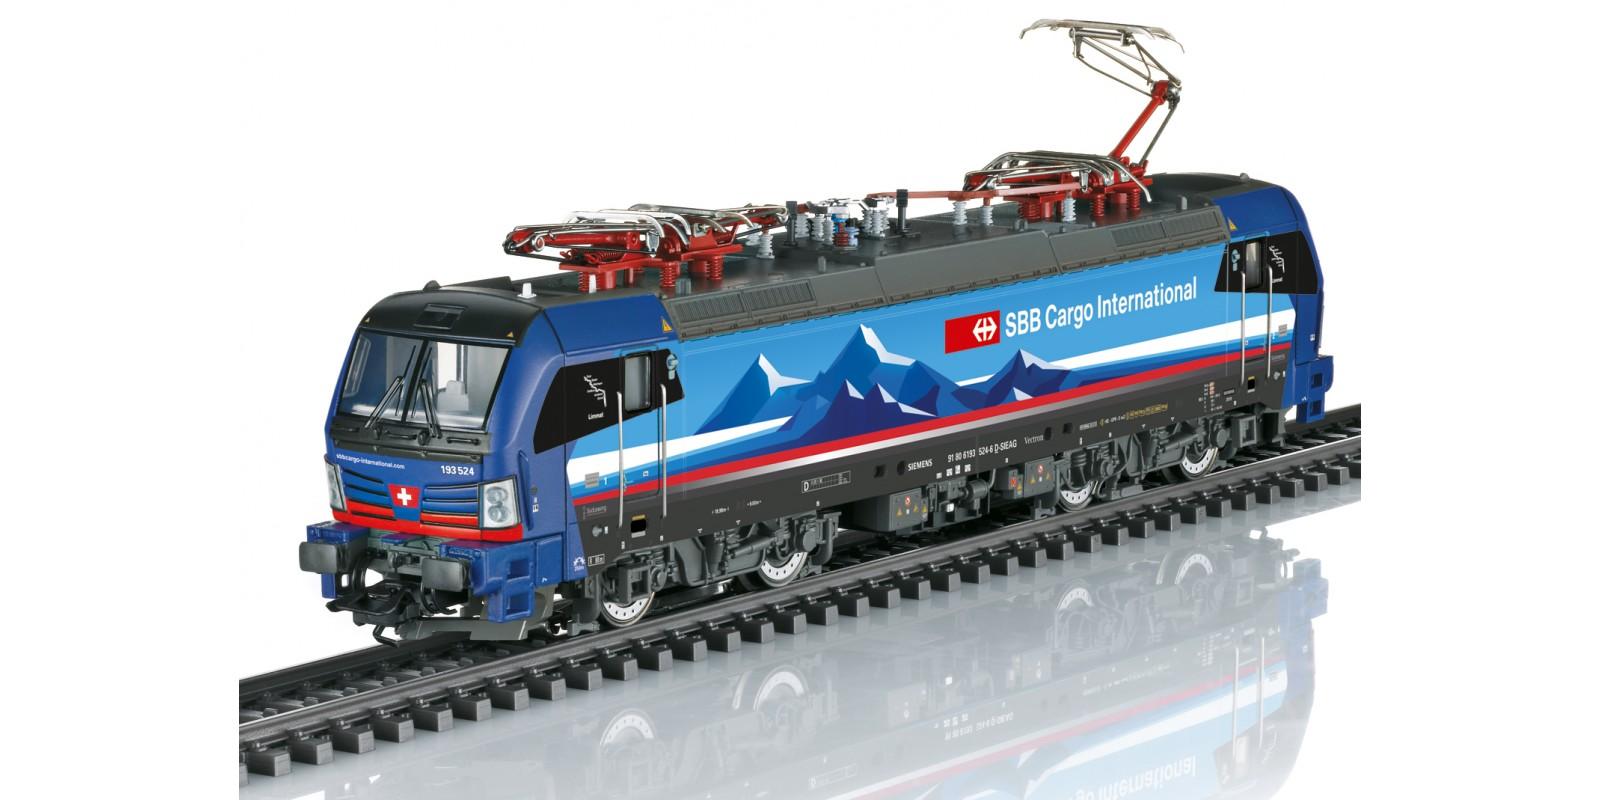 039199 Class 193 Electric Locomotive